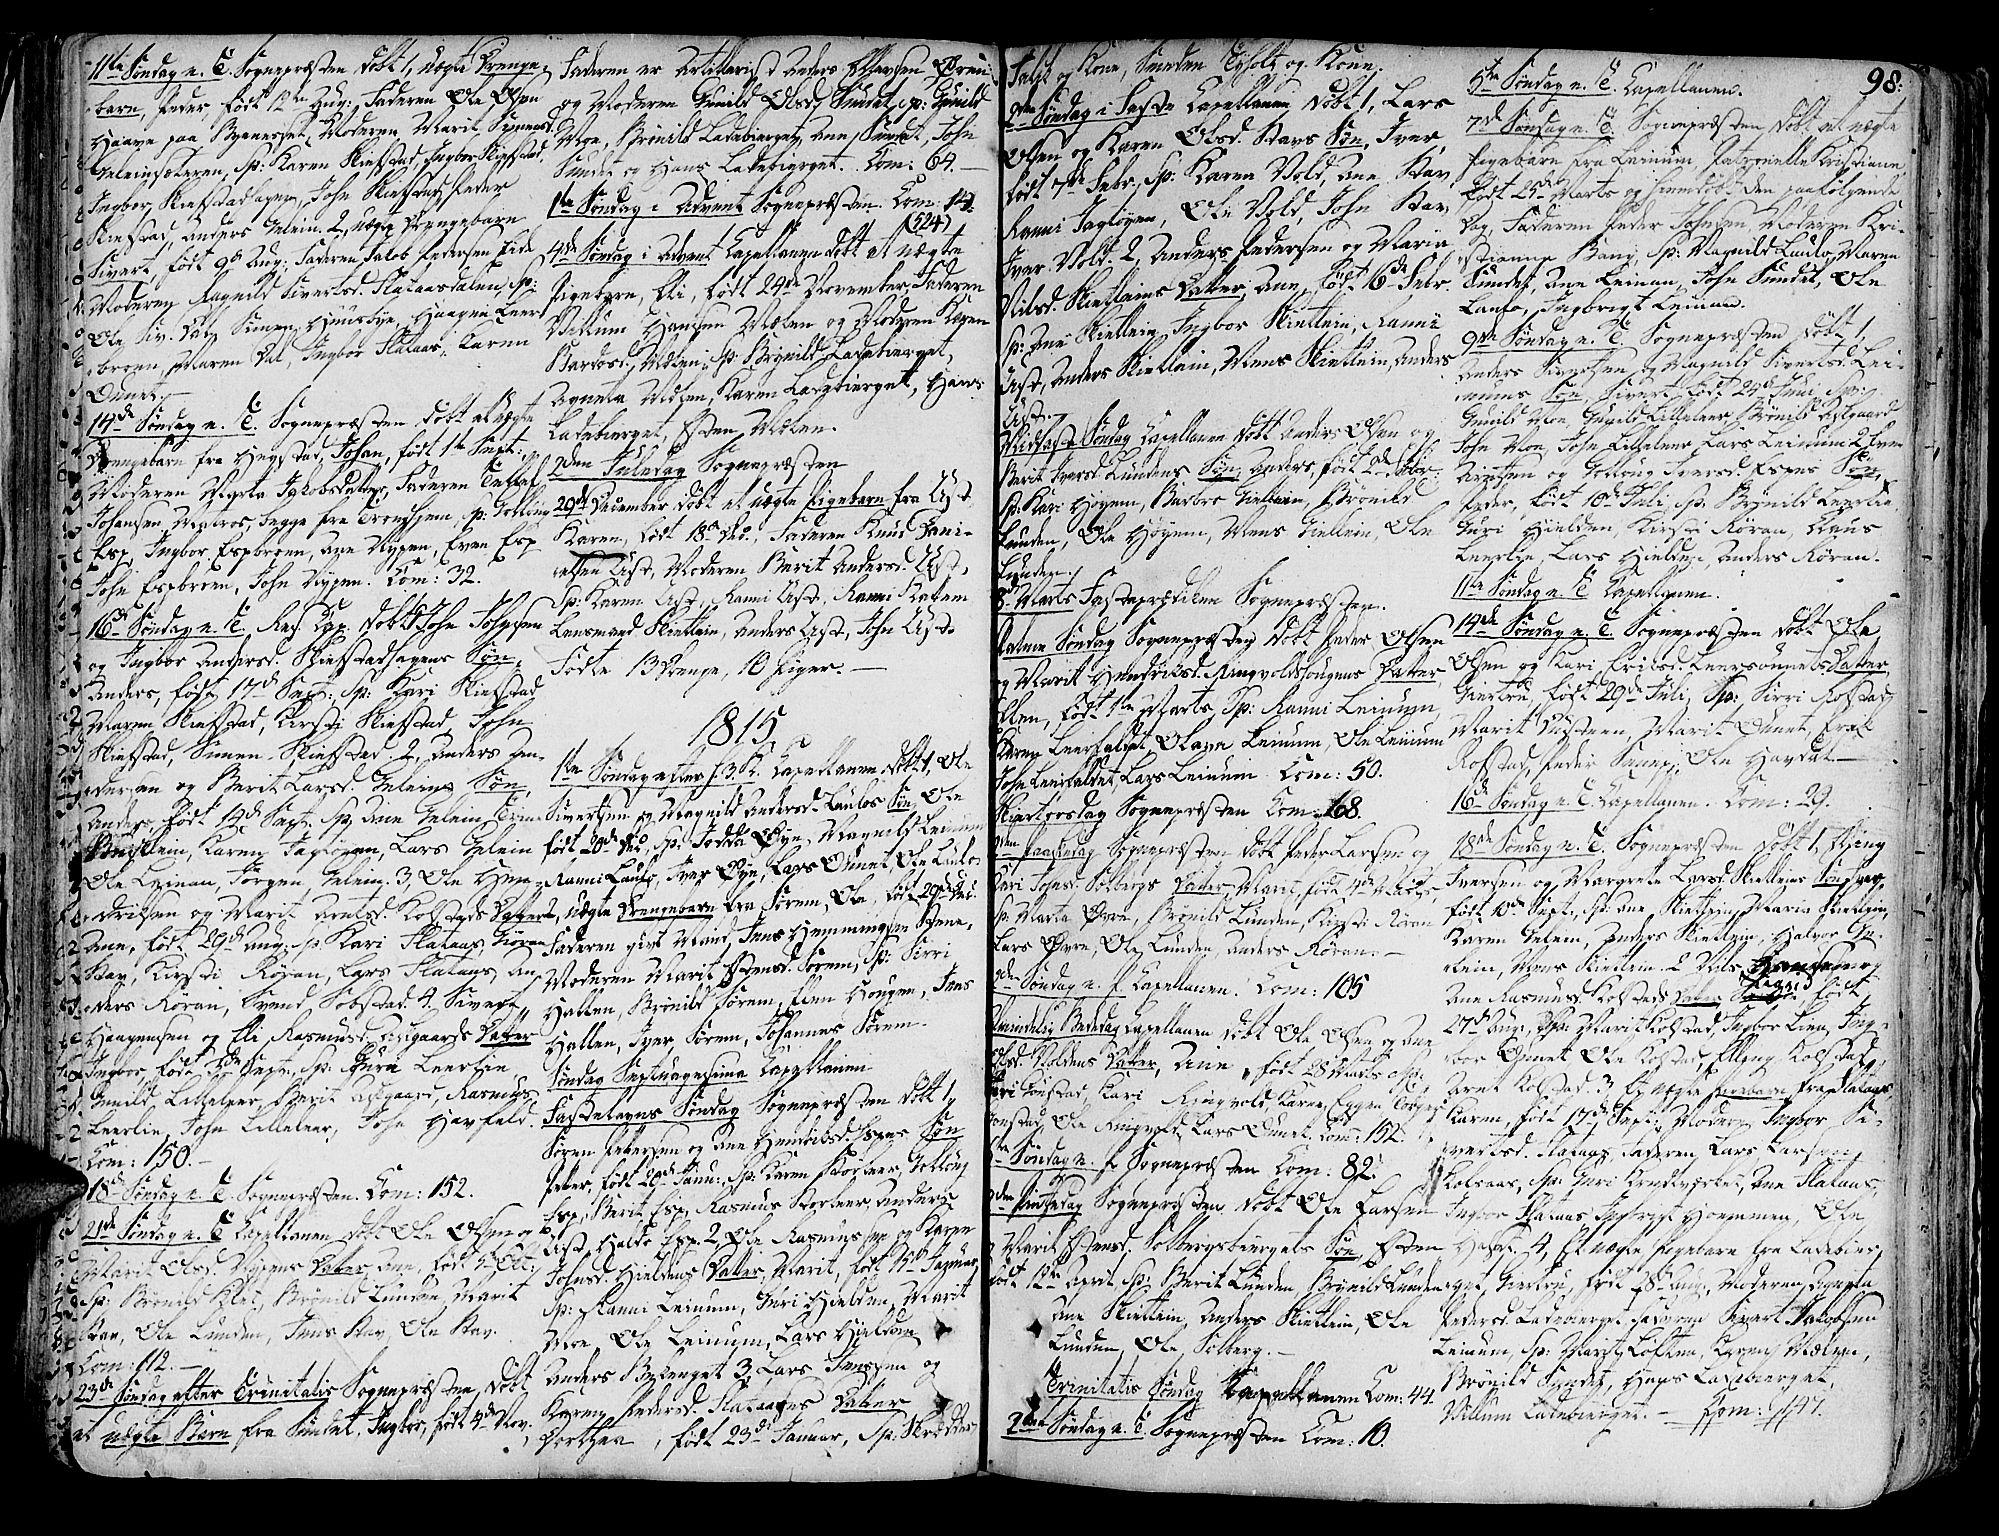 SAT, Ministerialprotokoller, klokkerbøker og fødselsregistre - Sør-Trøndelag, 691/L1063: Ministerialbok nr. 691A02 /3, 1768-1815, s. 98